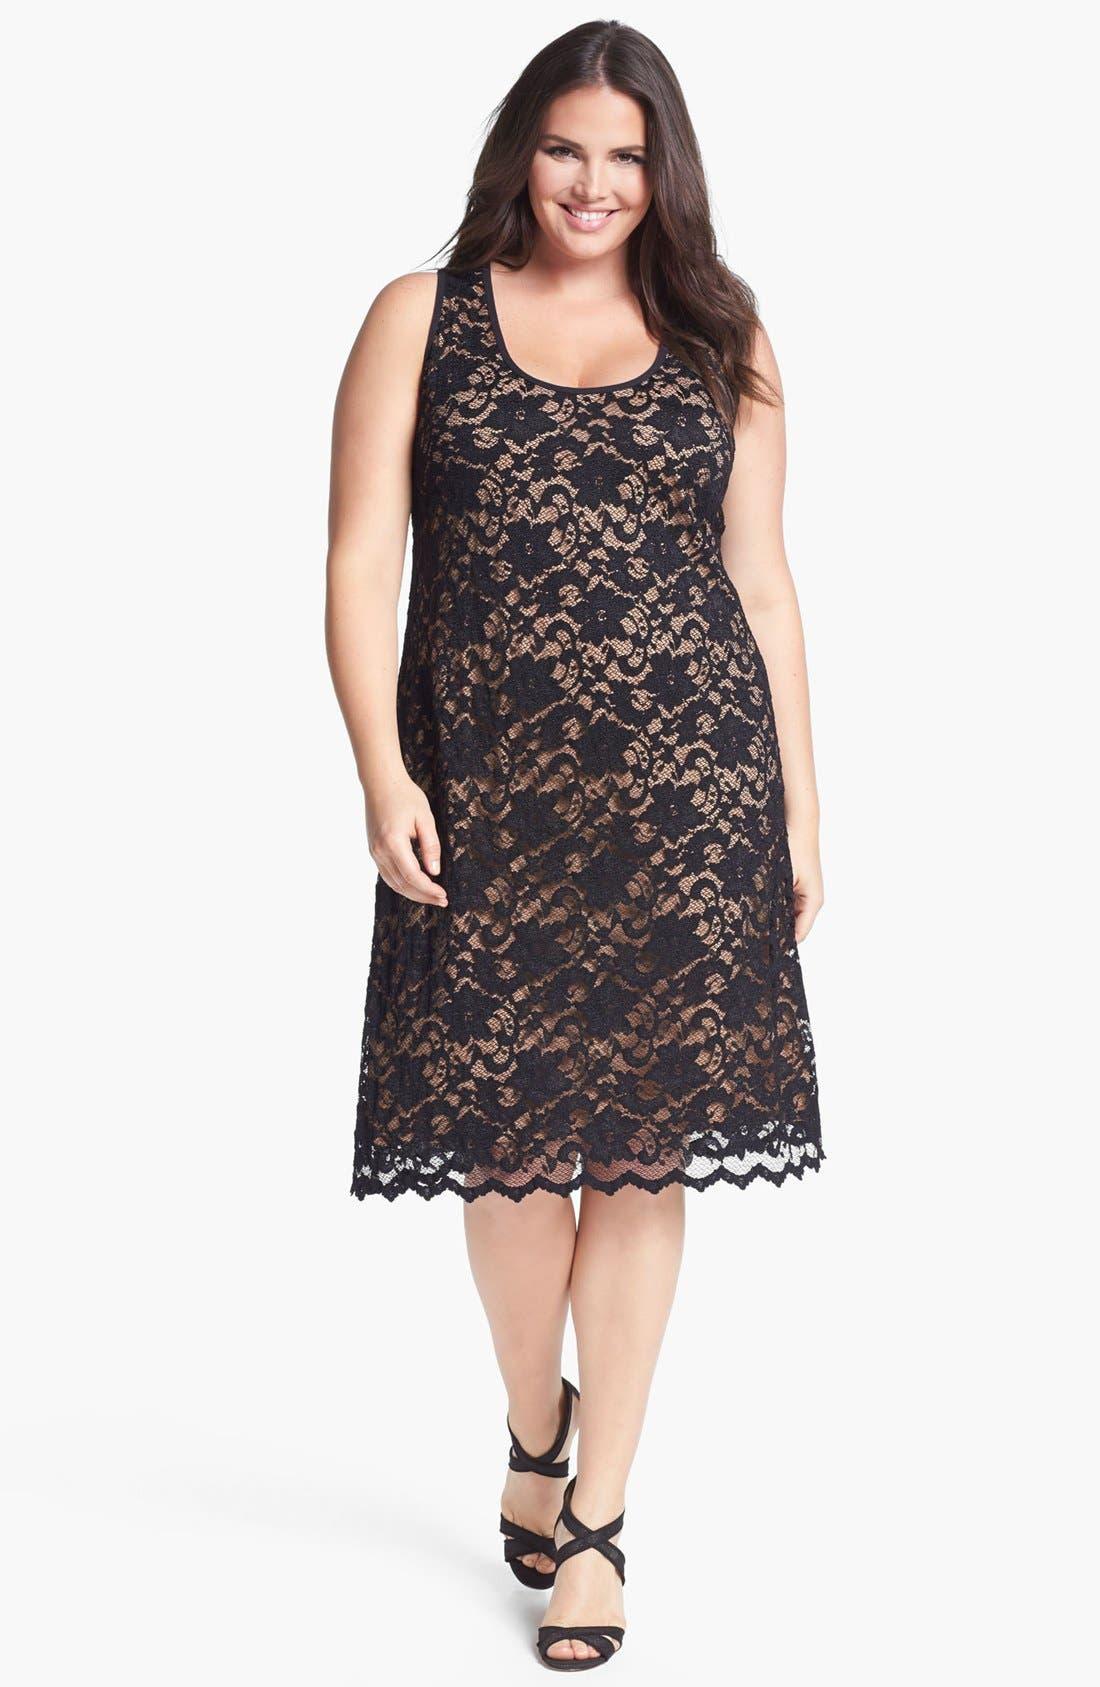 Alternate Image 1 Selected - Karen Kane Lace Tank Dress (Plus Size)